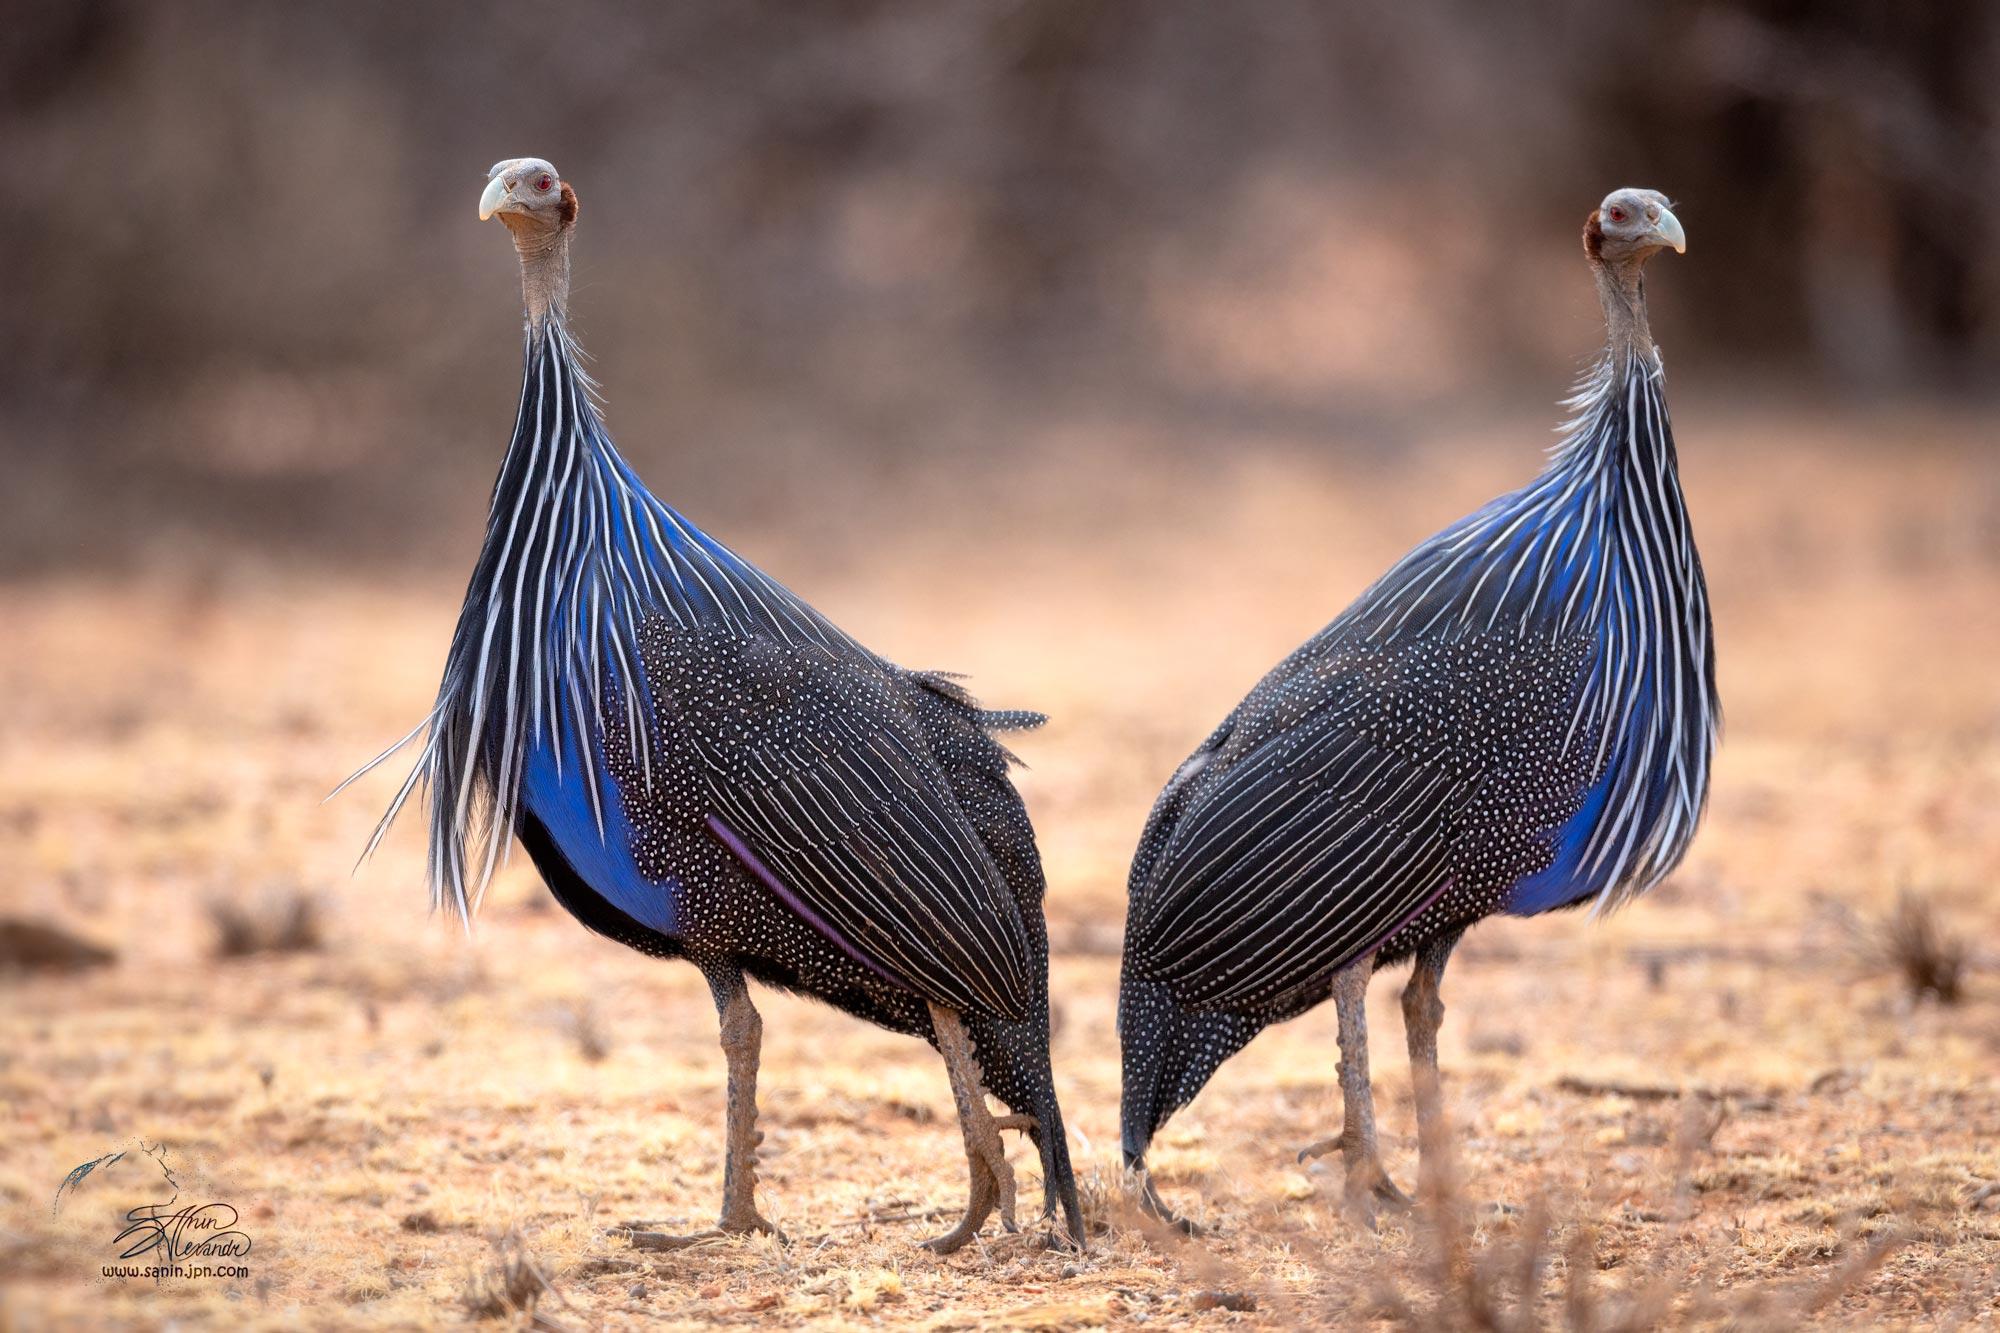 Vulturine guineafowl / Грифовая цесарка в Самбура Нац. парке